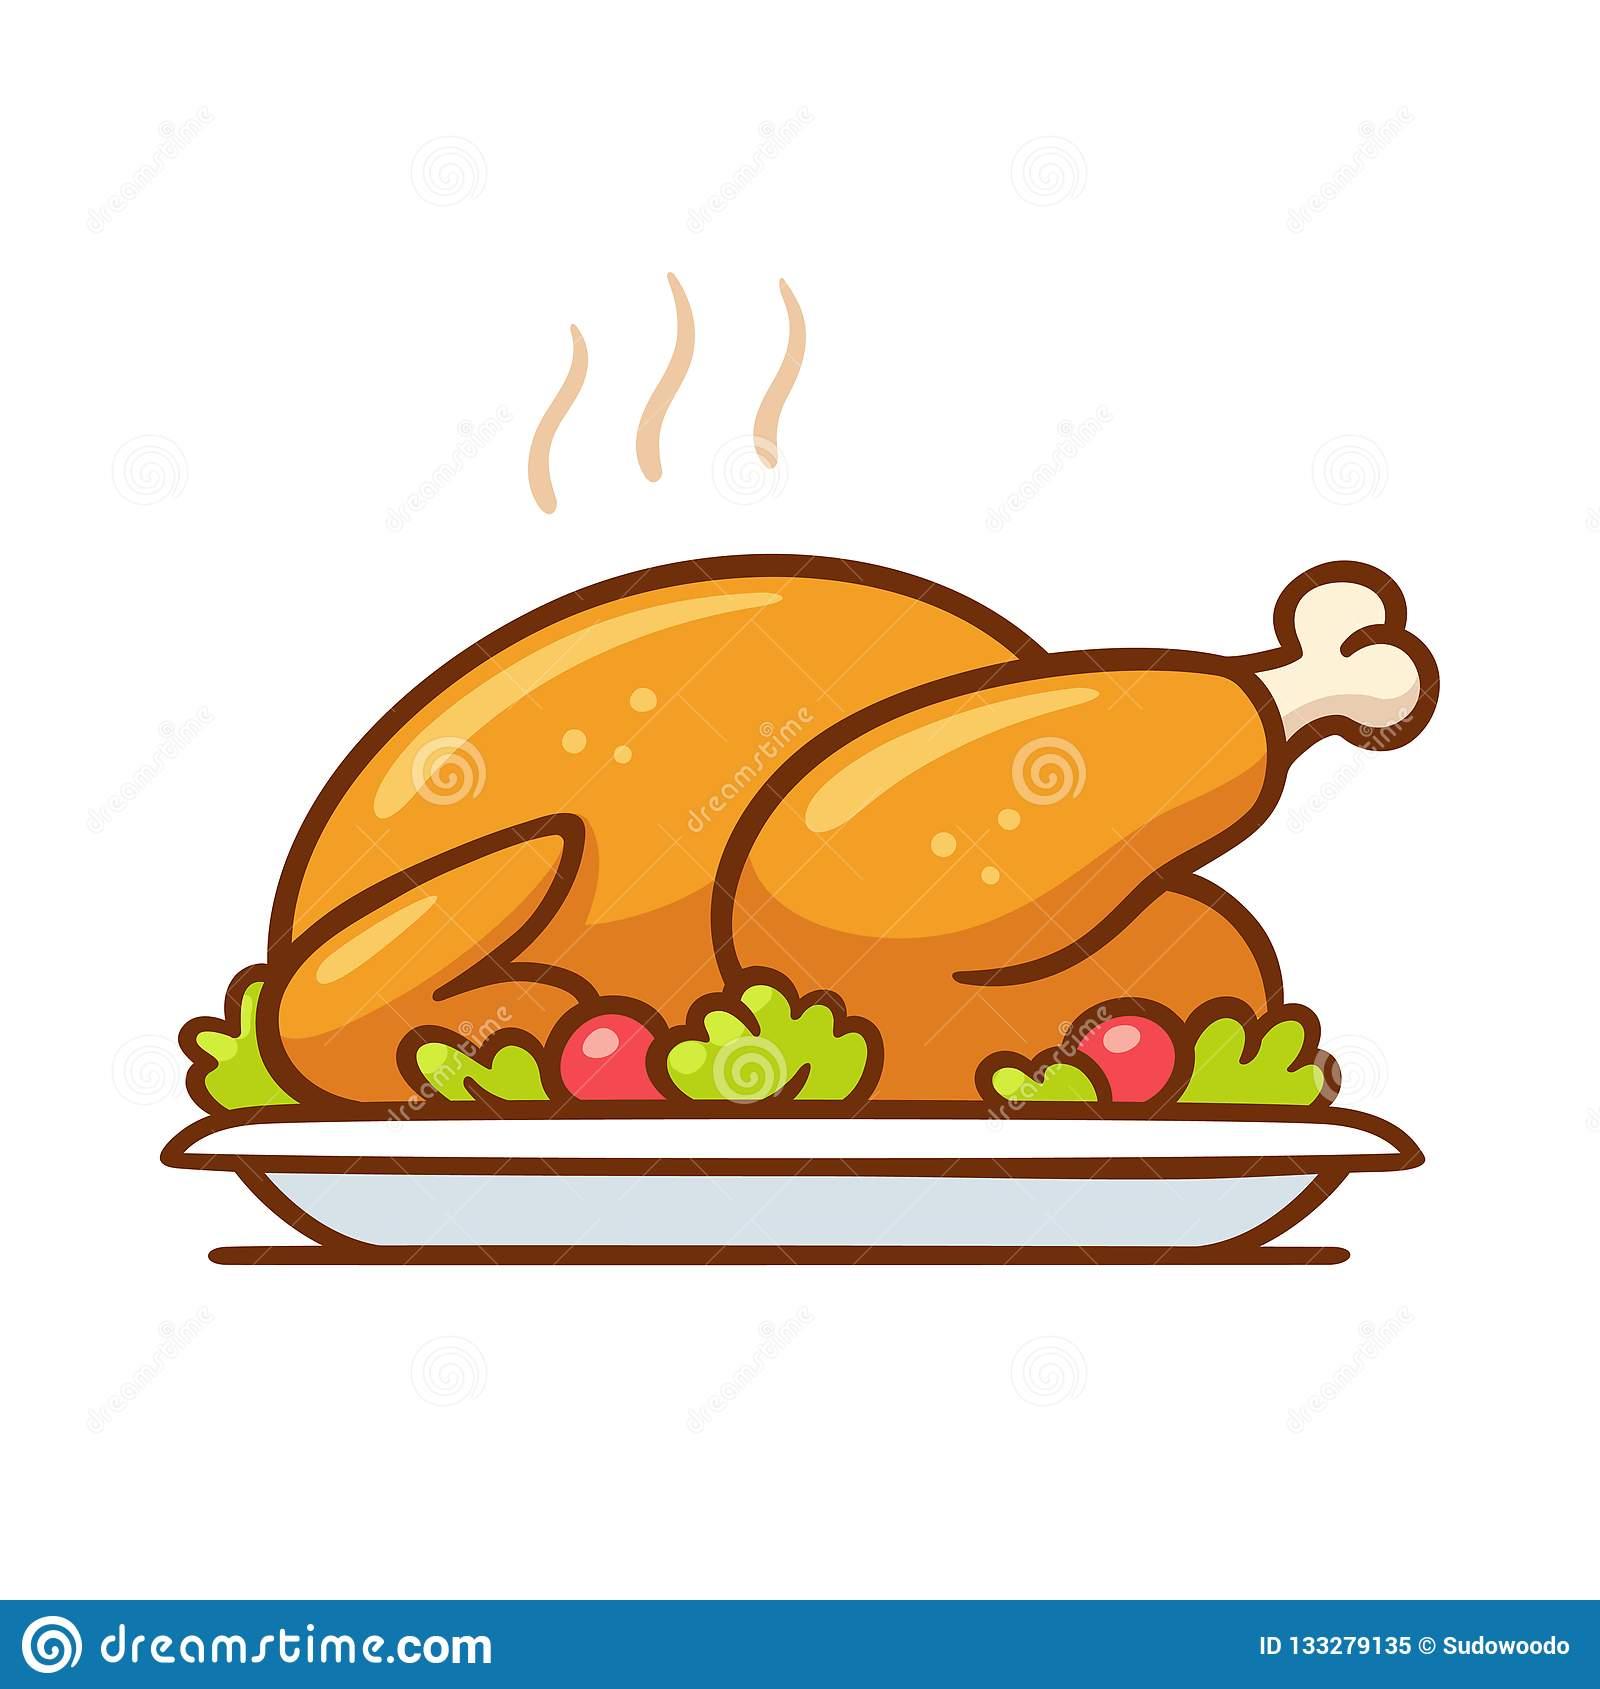 Roast Turkey Or Chicken Dinner Stock Vector.